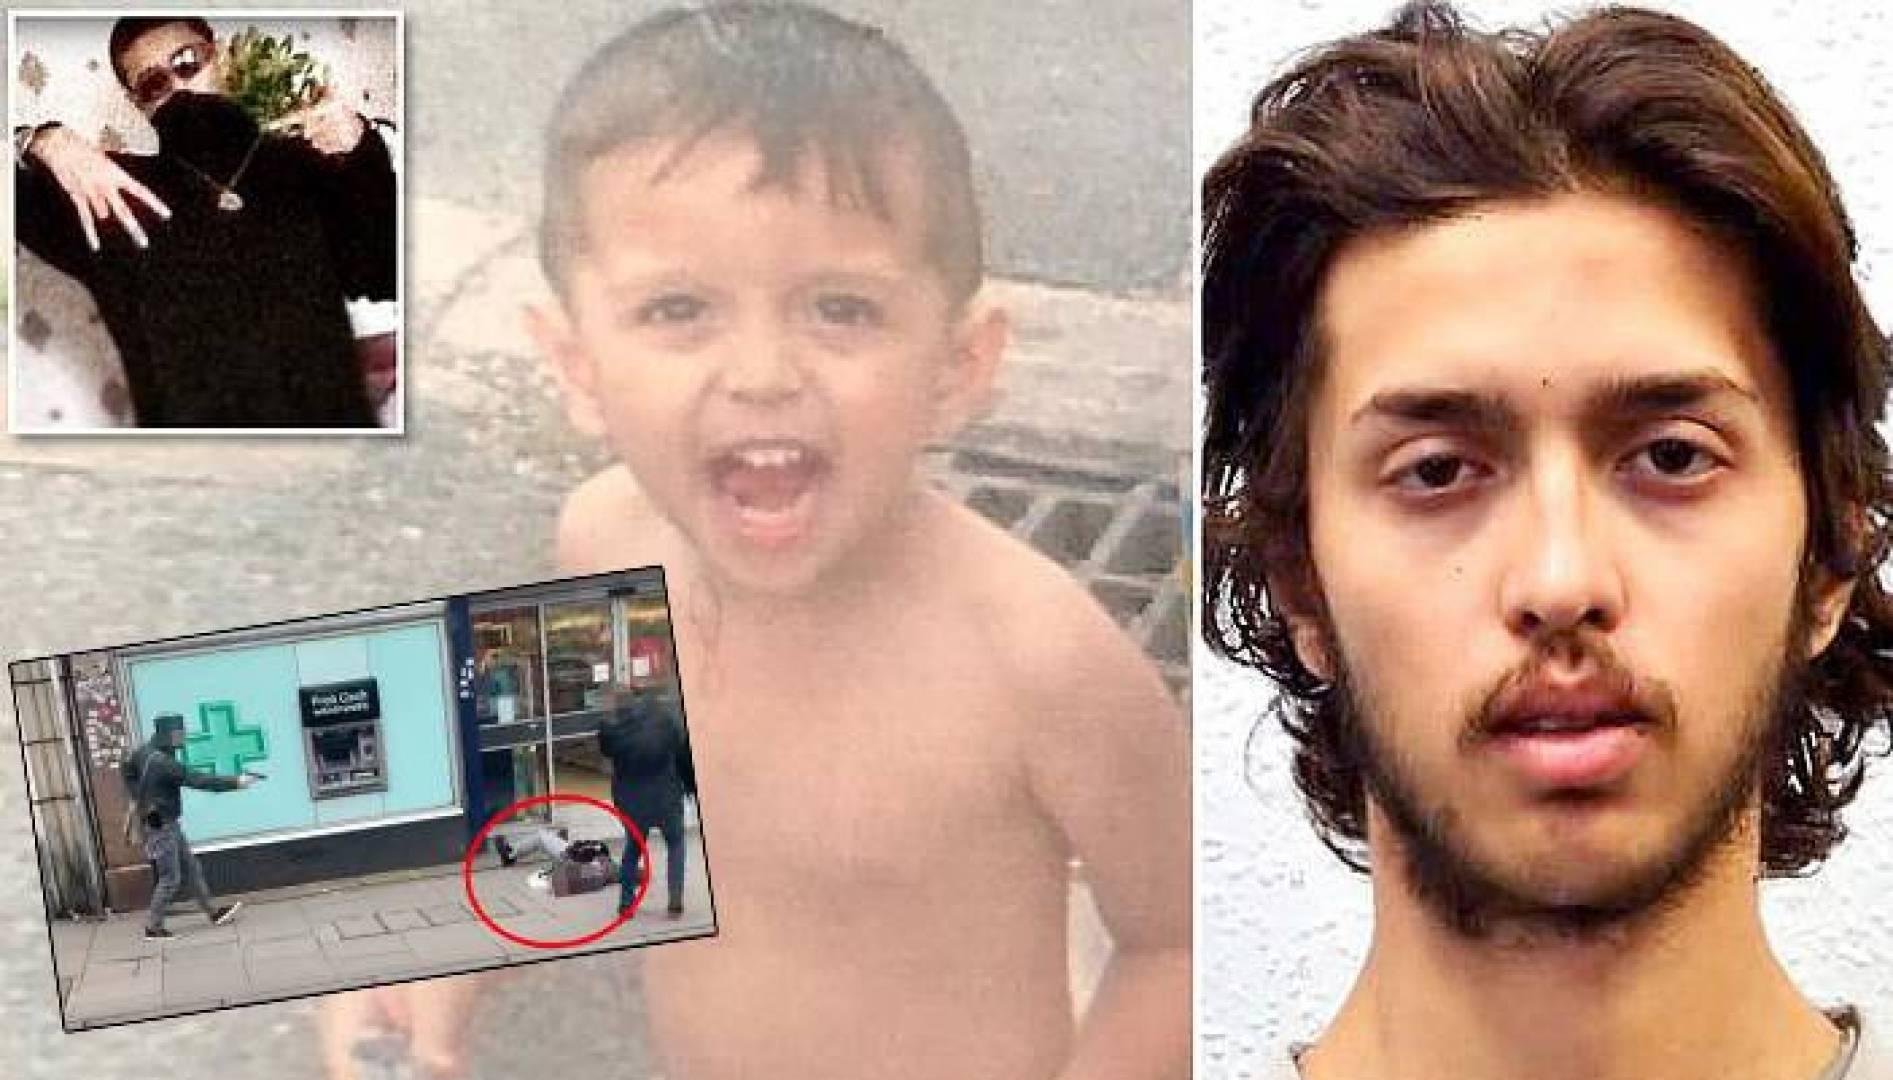 ما الذي يجعل طفلاً بريئاً.. يتحول إلى إرهابي؟!